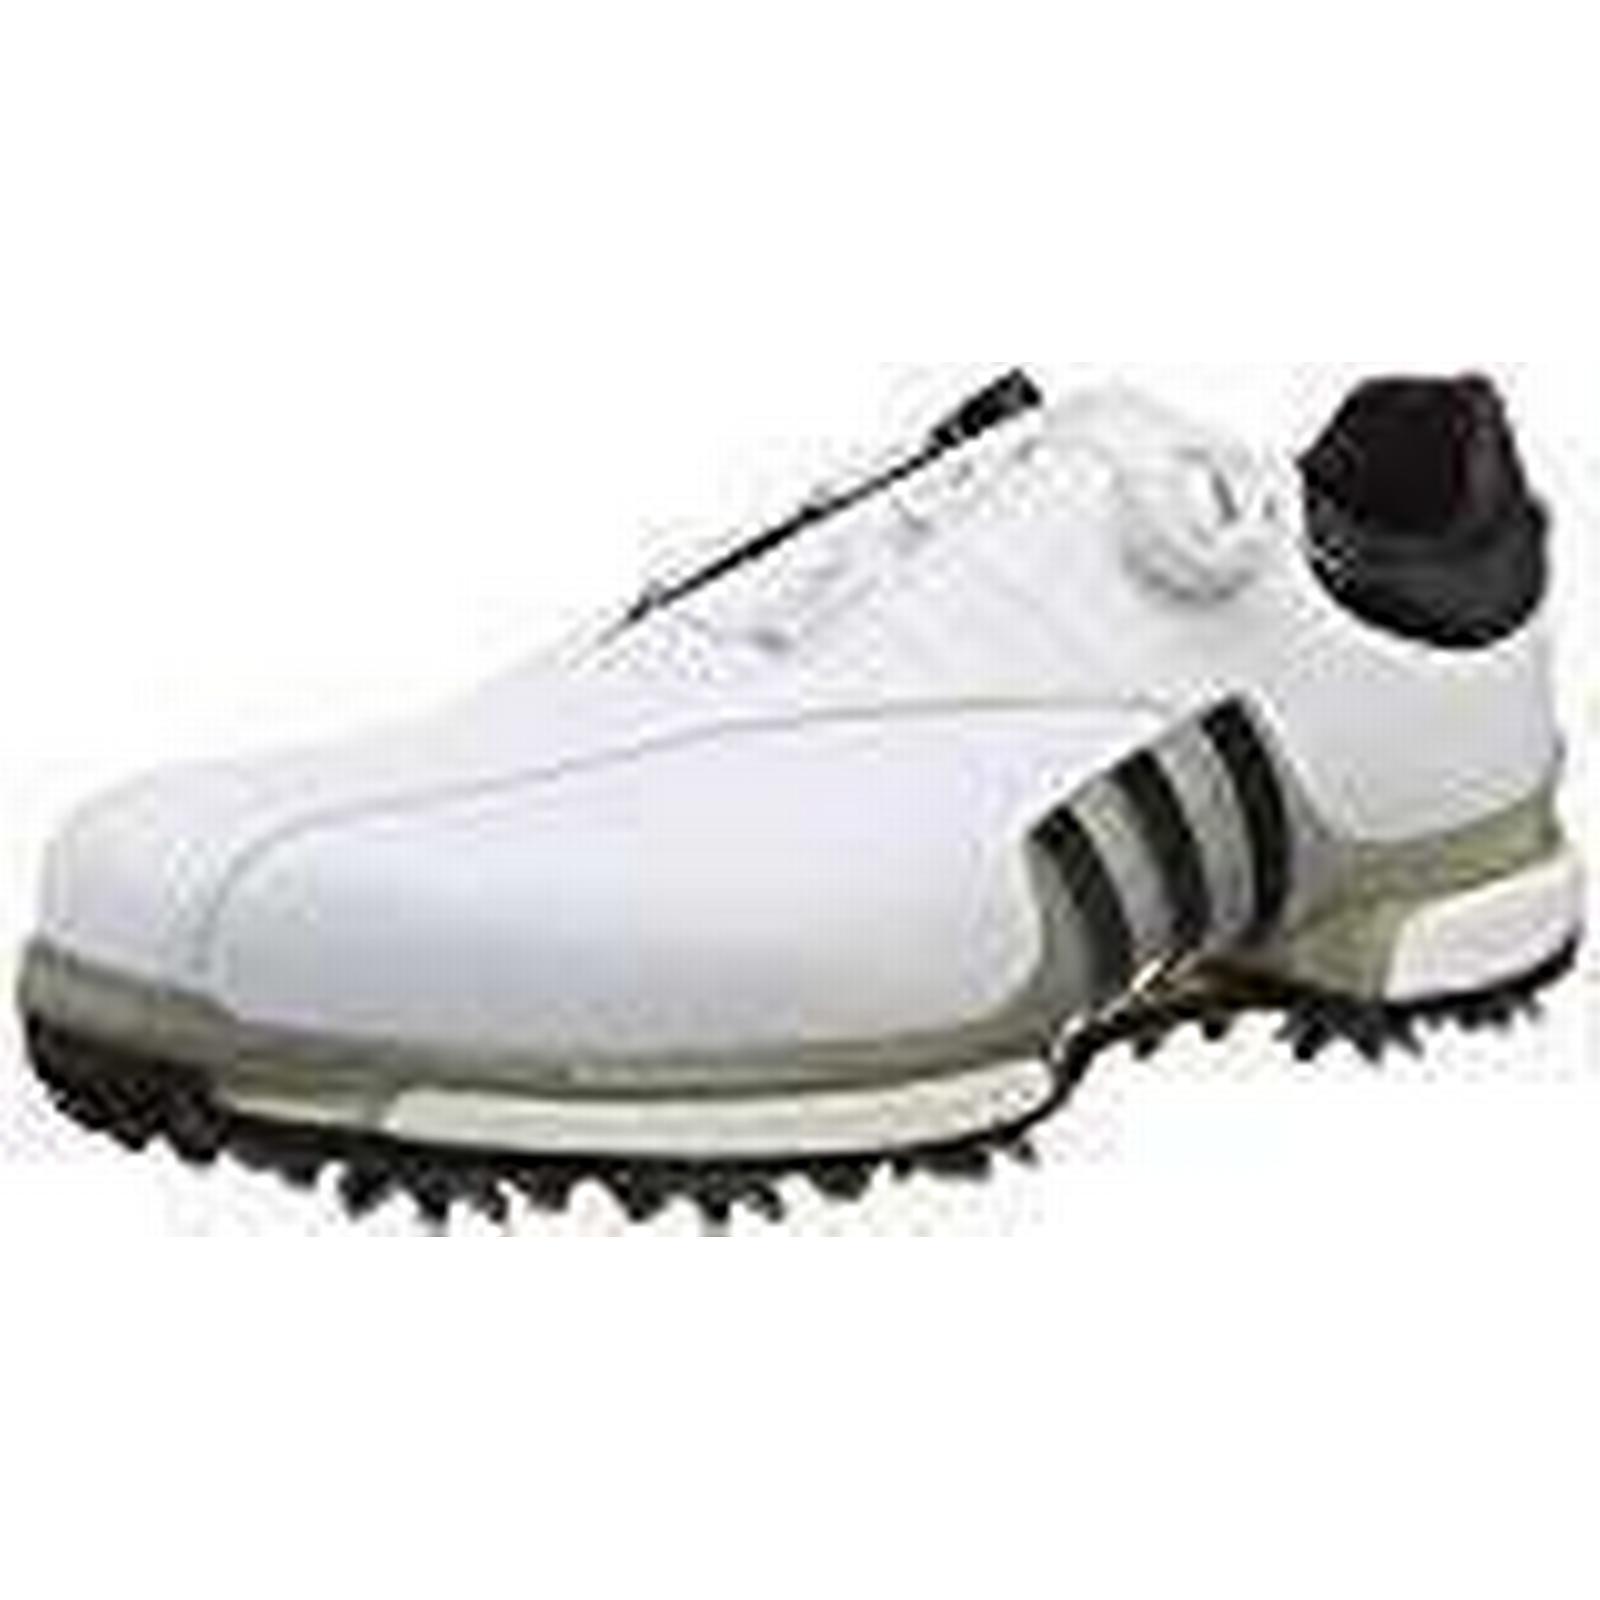 Adidas Men's Tour 360 BOA 2.0 7.5 Golf Shoes, (White F3373128), 7.5 2.0 UK 7.5 UK 5b70eb